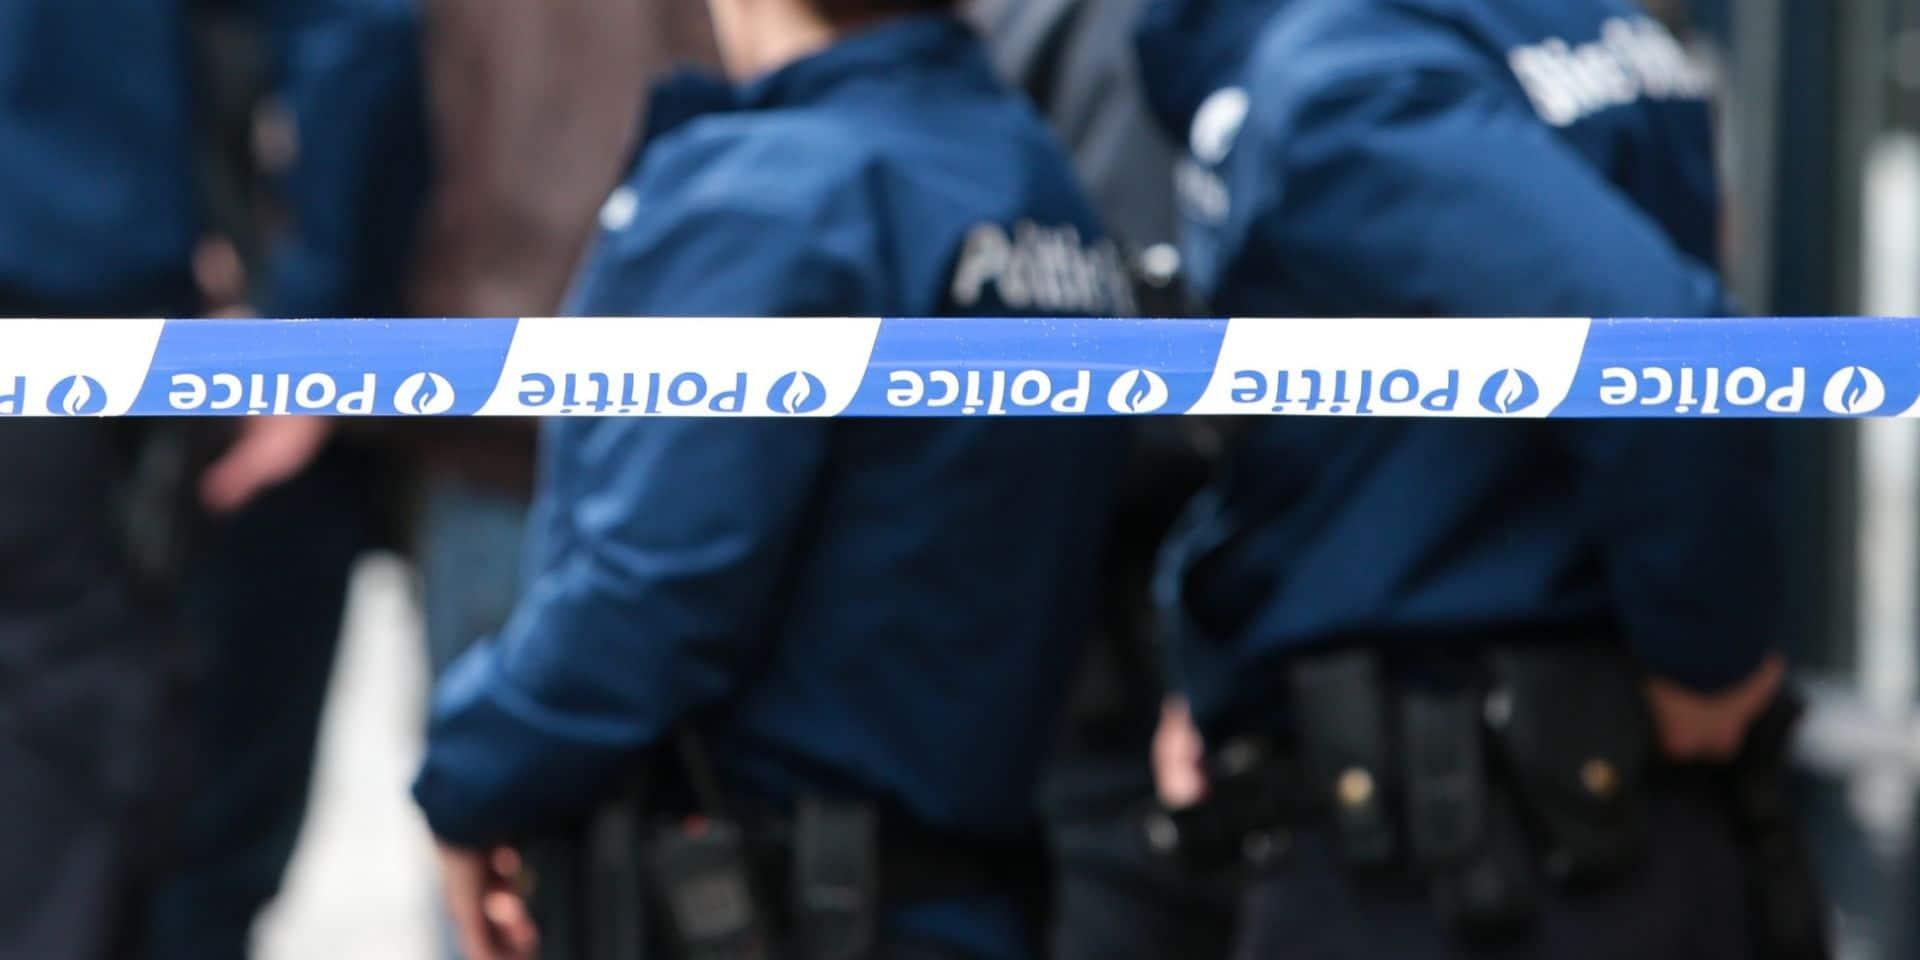 Un homme d'une cinquantaine d'années a été poignardé à mort à Jette